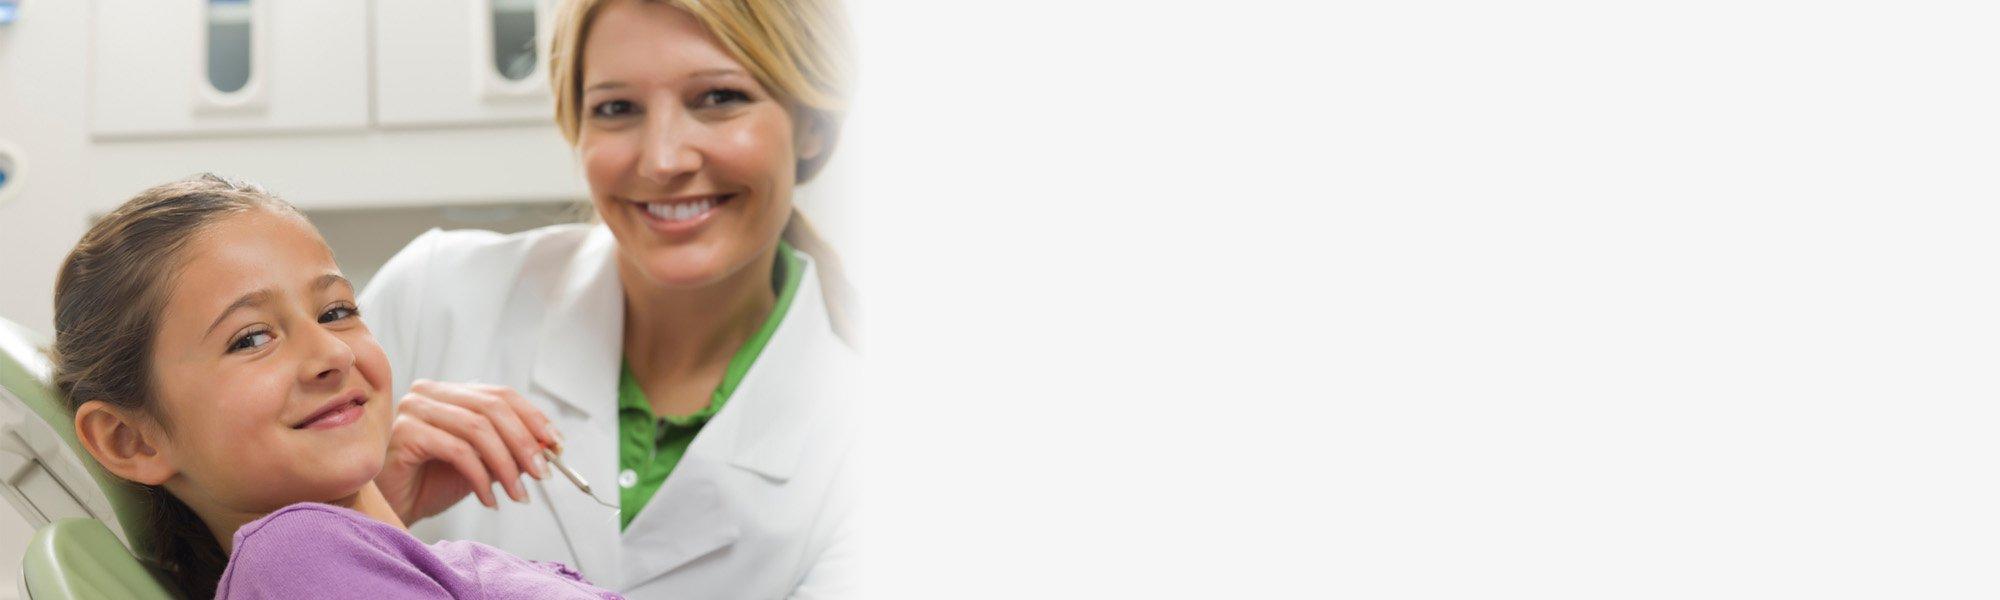 Une dentiste souriante assise à côté d'une filette